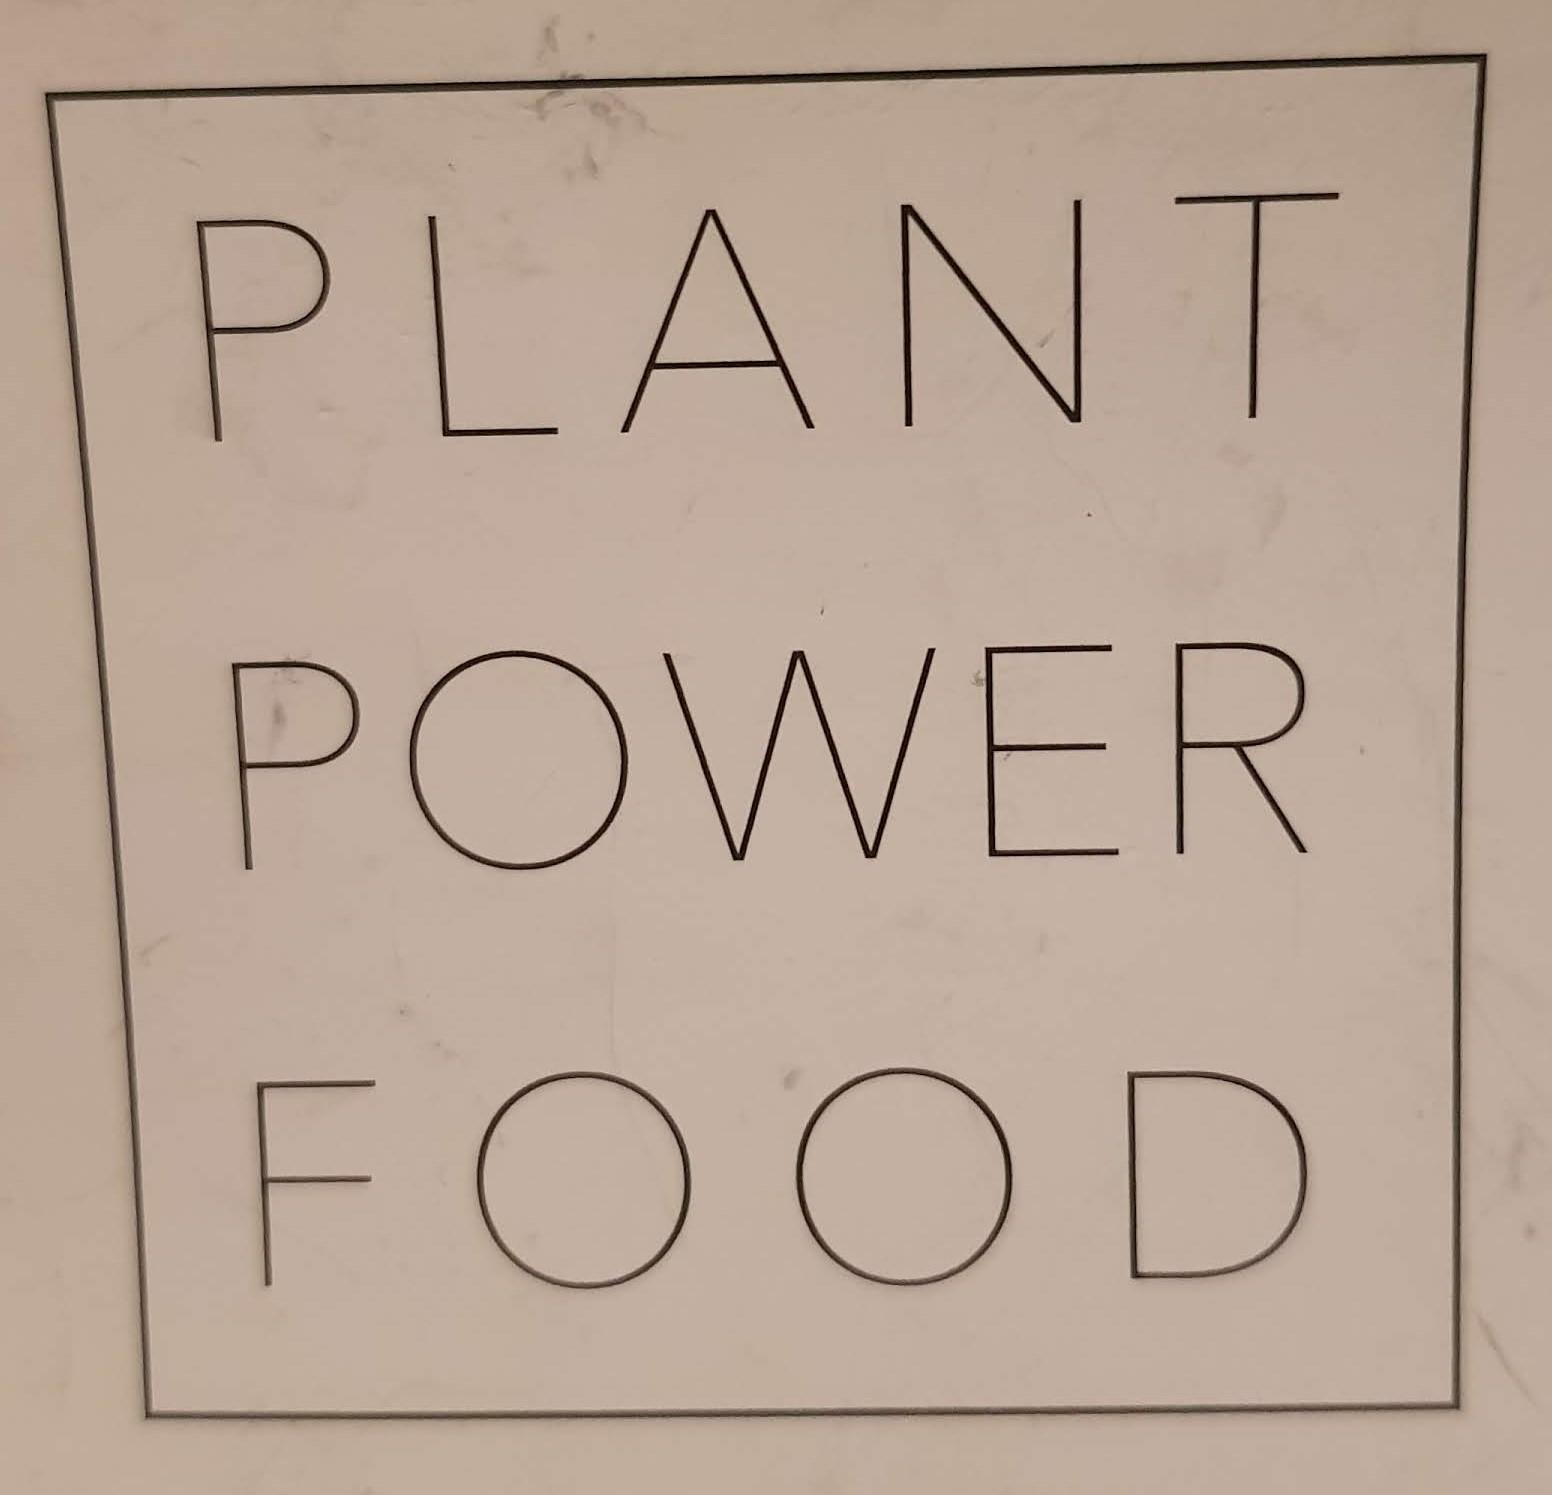 Power Plant Food, Kopenhagen